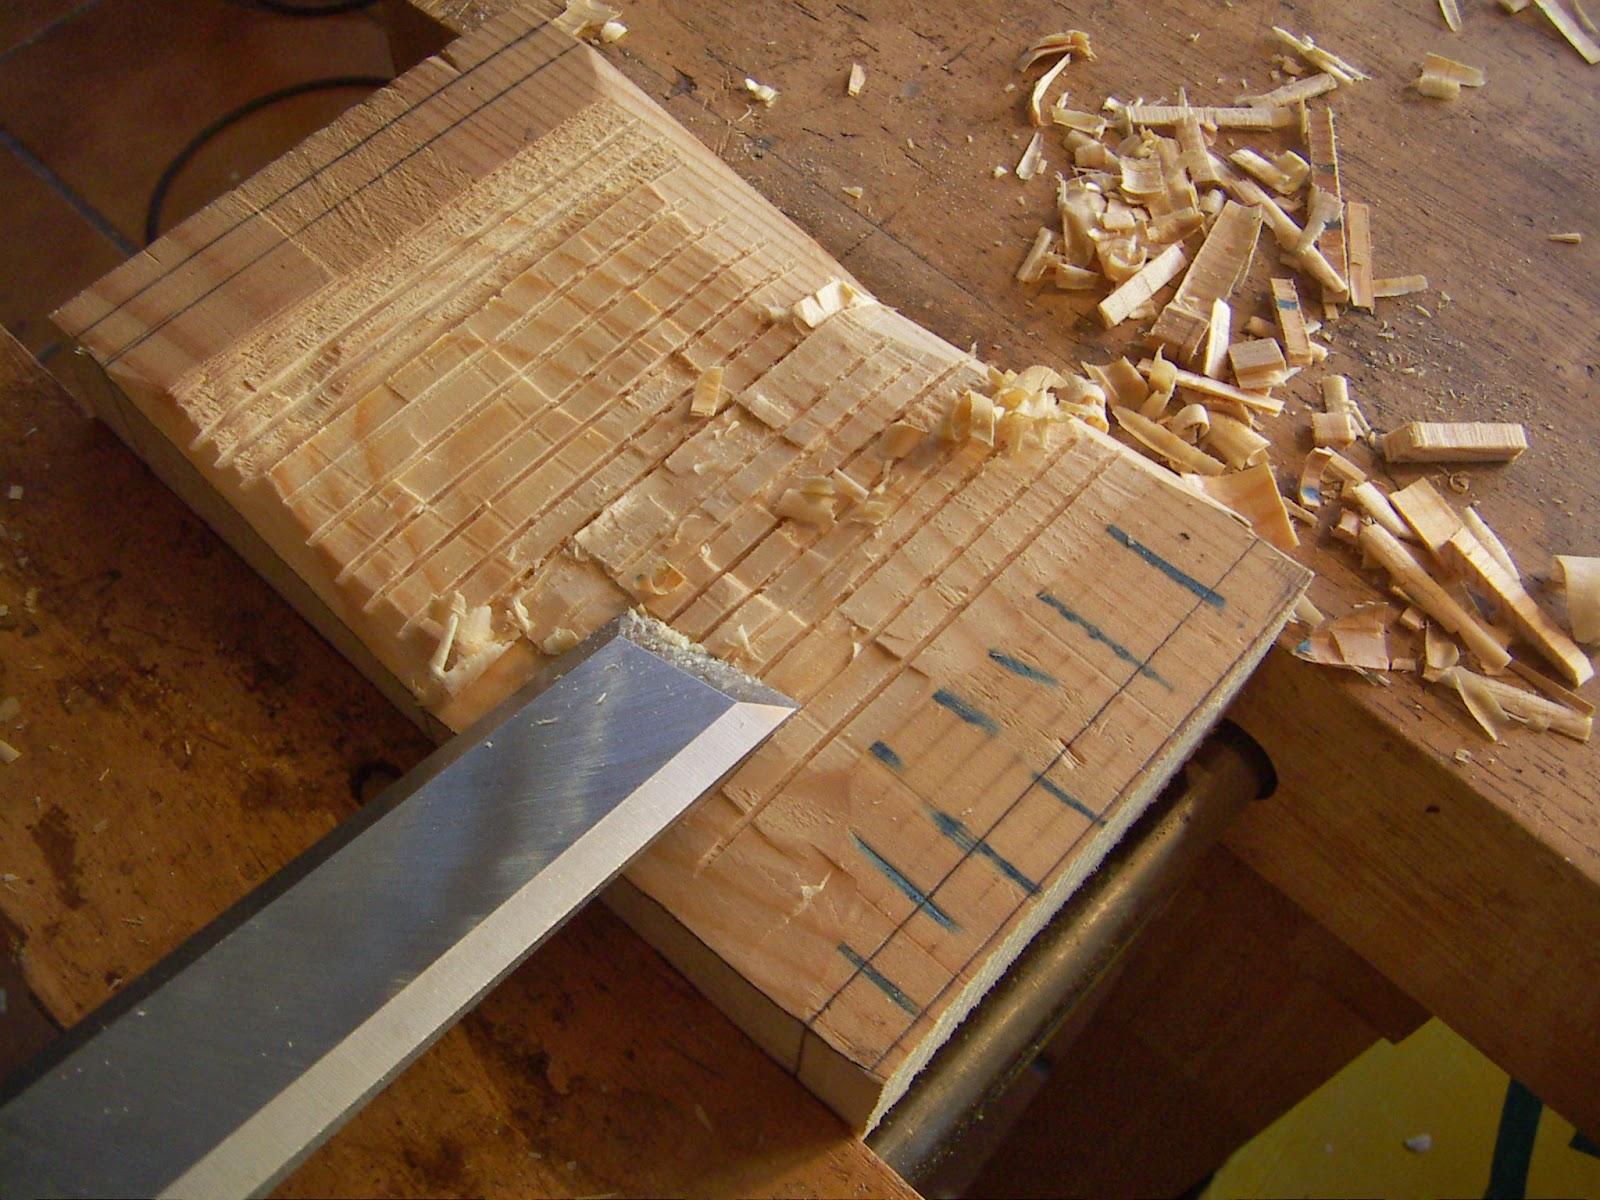 El rinc n de un aprendiz tallamos una polilla d for Polilla madera imagenes